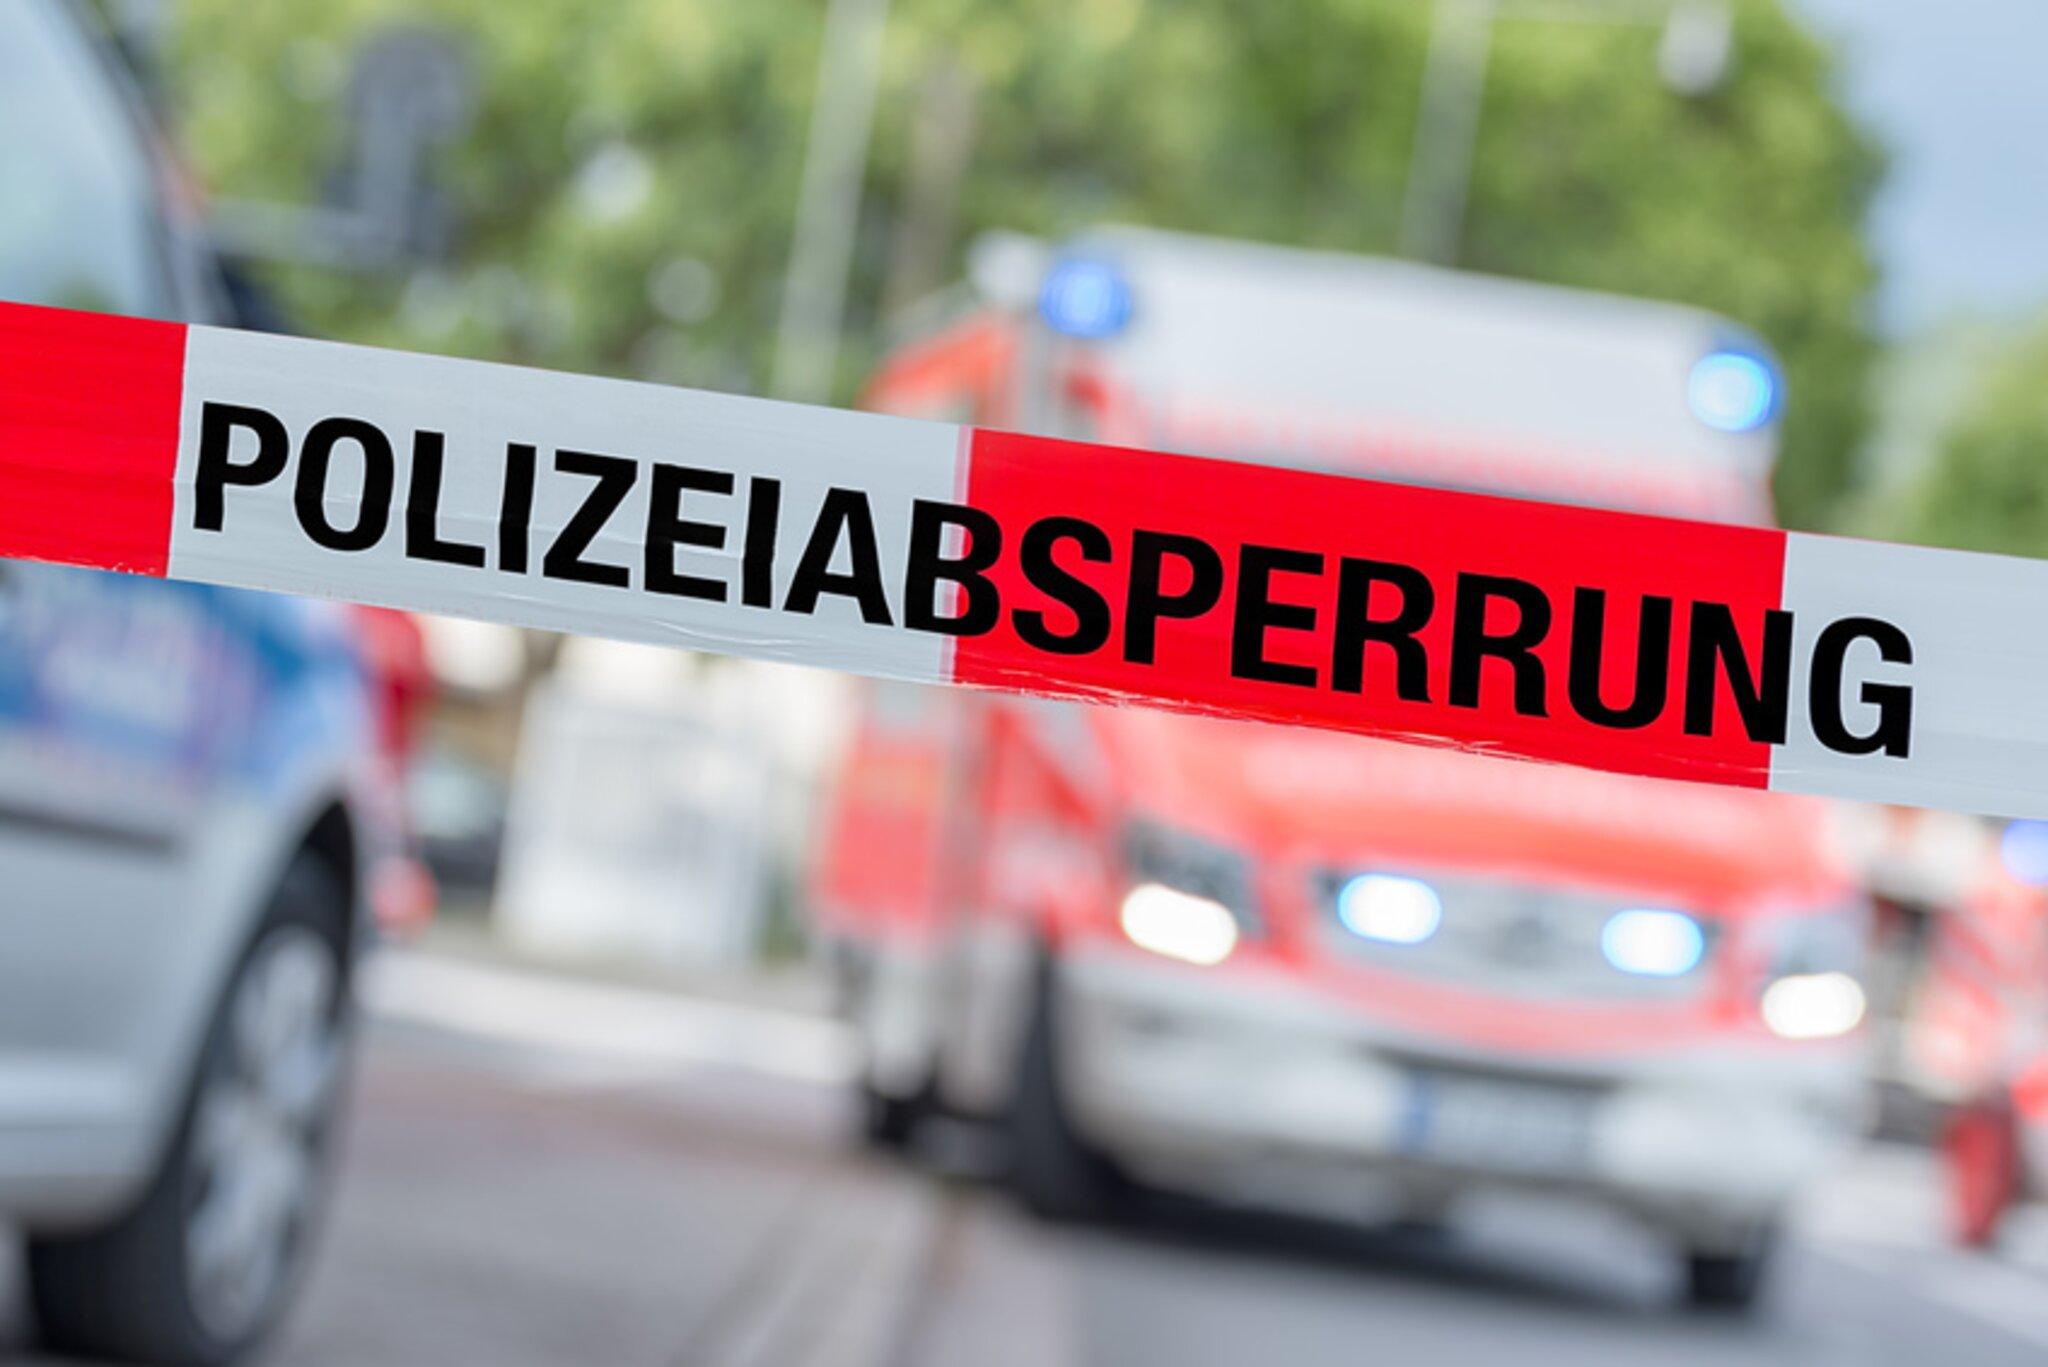 Raum-Aschaffenburg-Alkoholfahrten-Drogenfahrt-Gesch-digter-gesucht-Besch-digung-Polizeibeamten-t-tlich-angegriffen